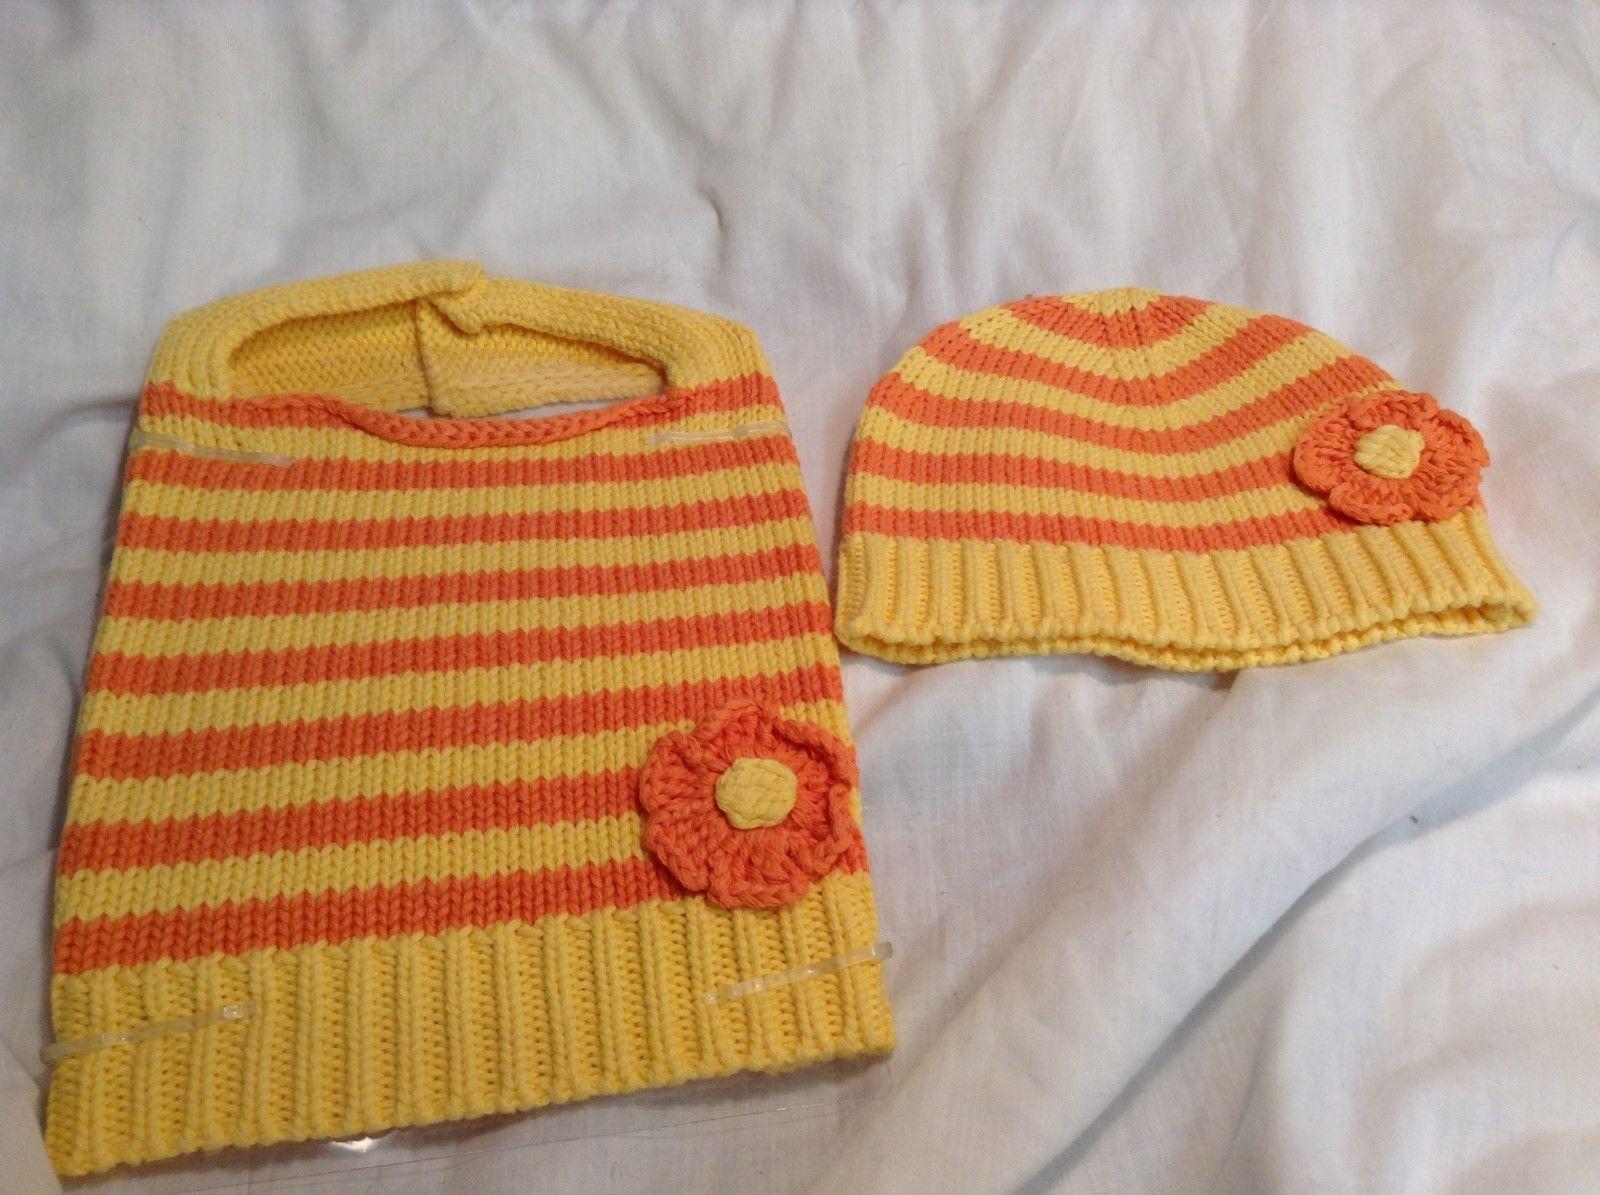 NEW Orange Yellow Knit Baby Cap and Bib